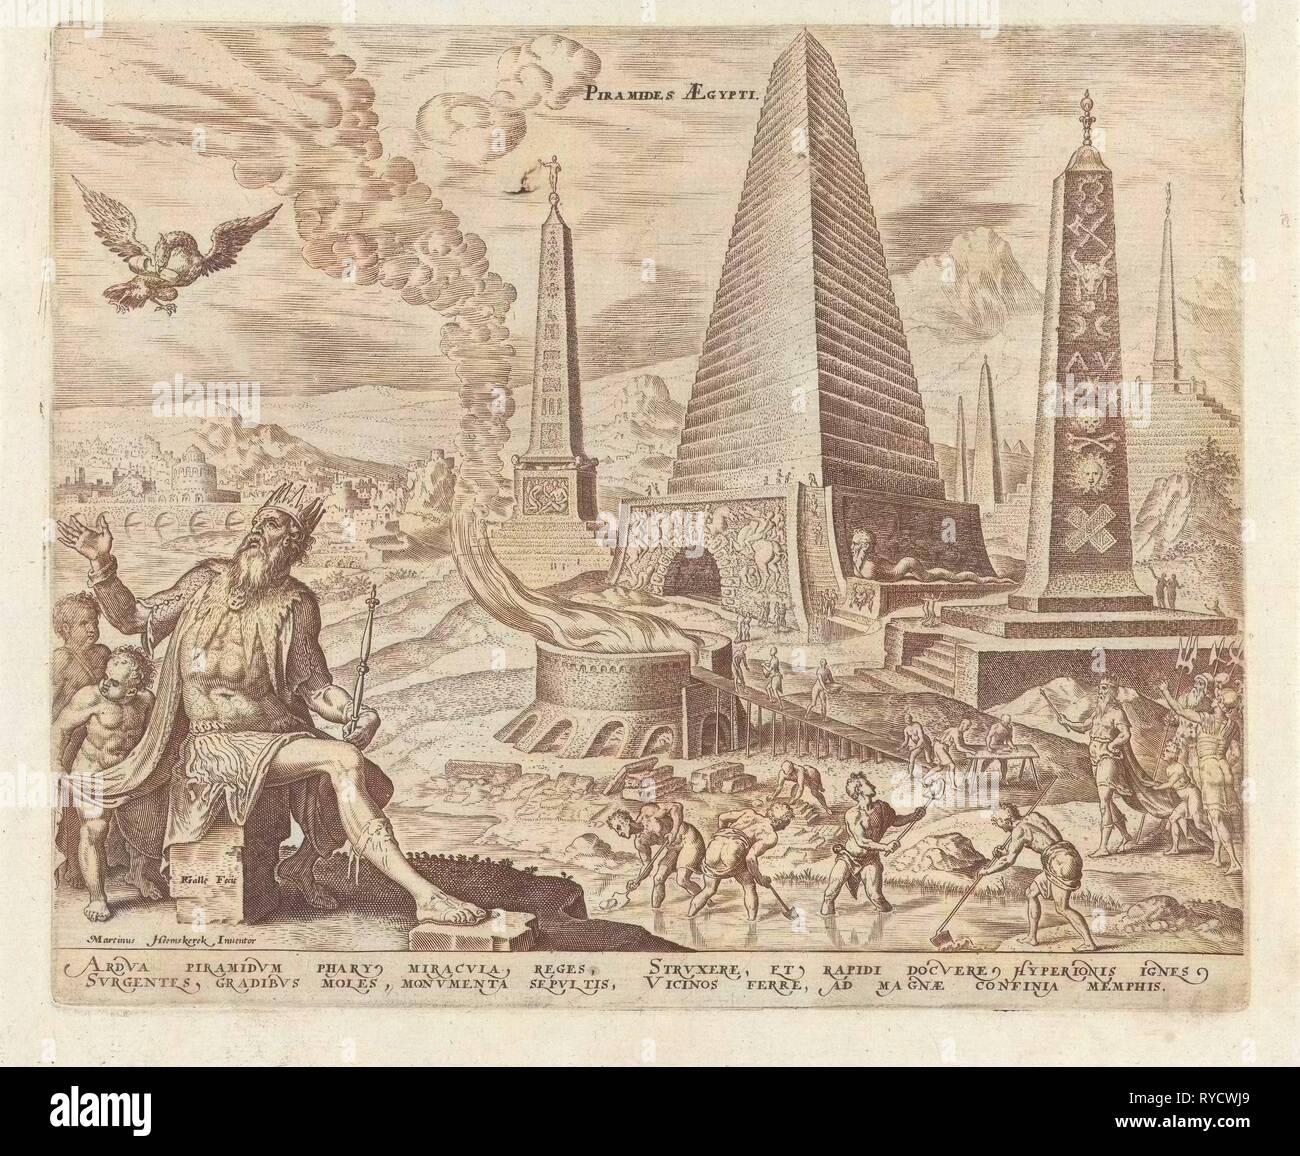 Pyramids of Egypt, Philips Galle, Hadrianus Junius, 1572